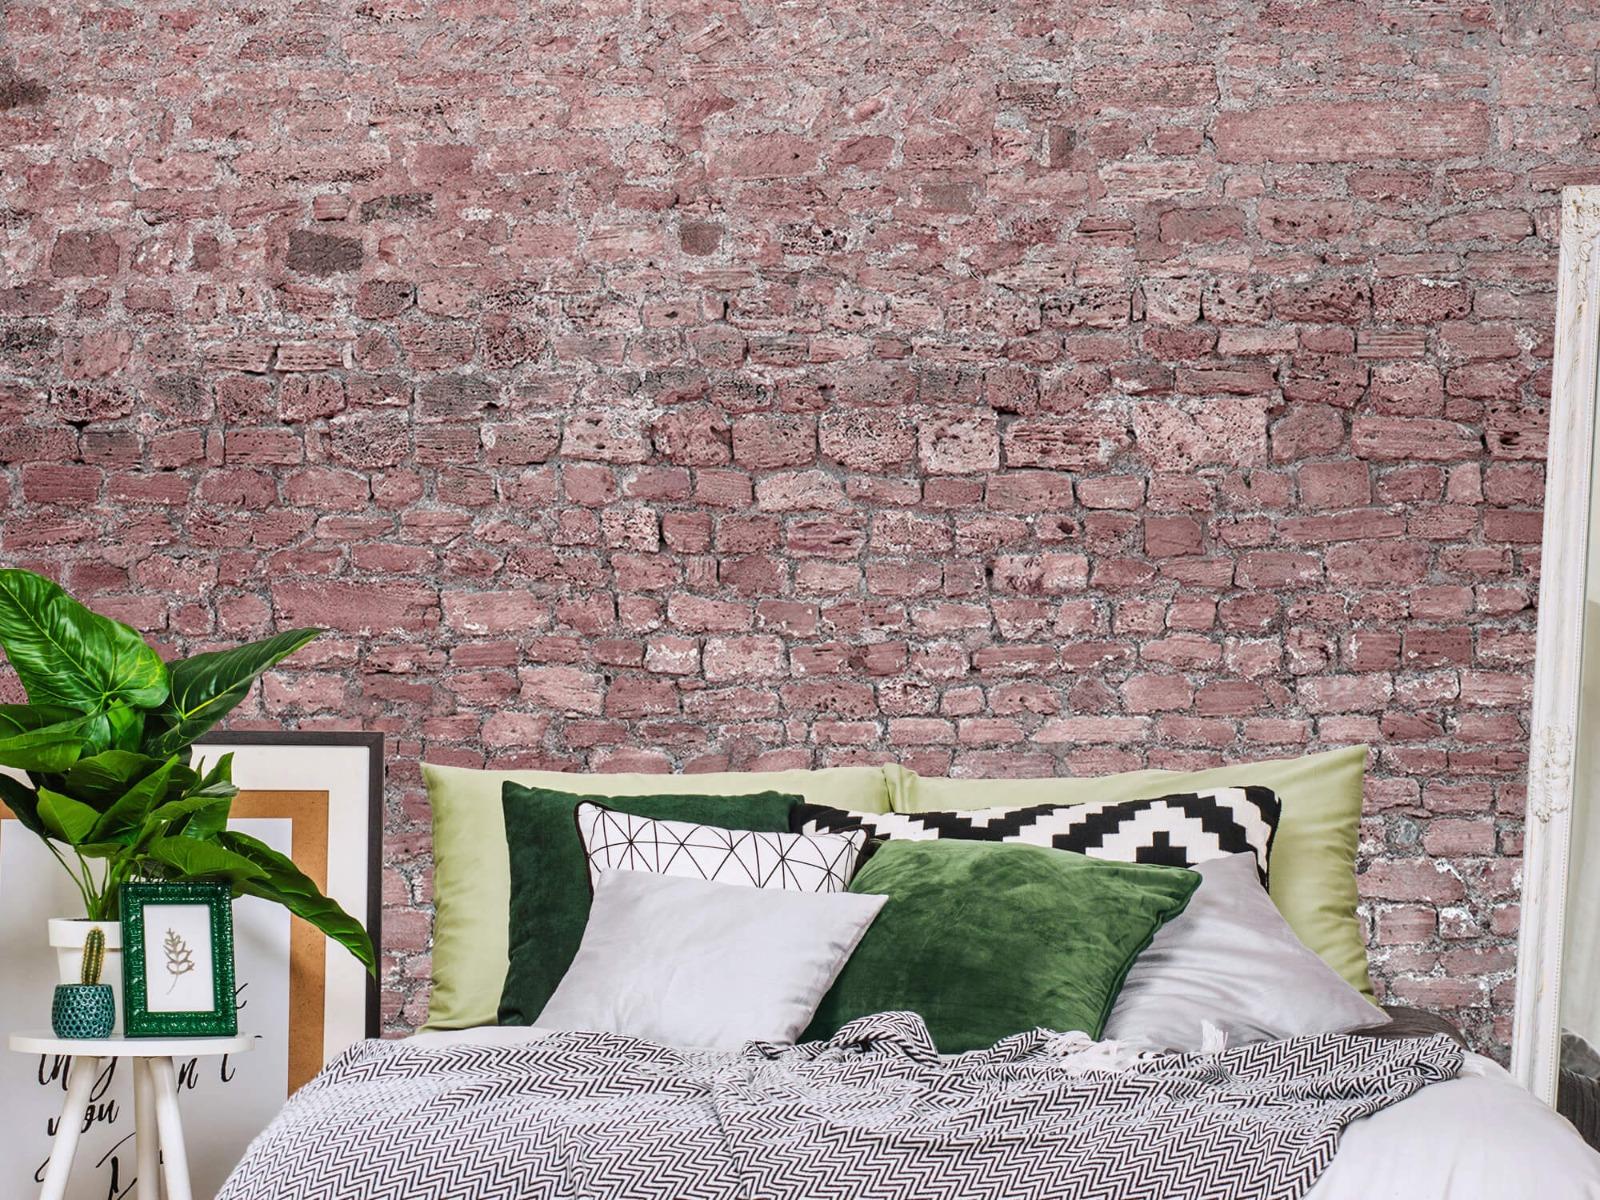 Steen behang - Muur van oude stenen - Tienerkamer 12